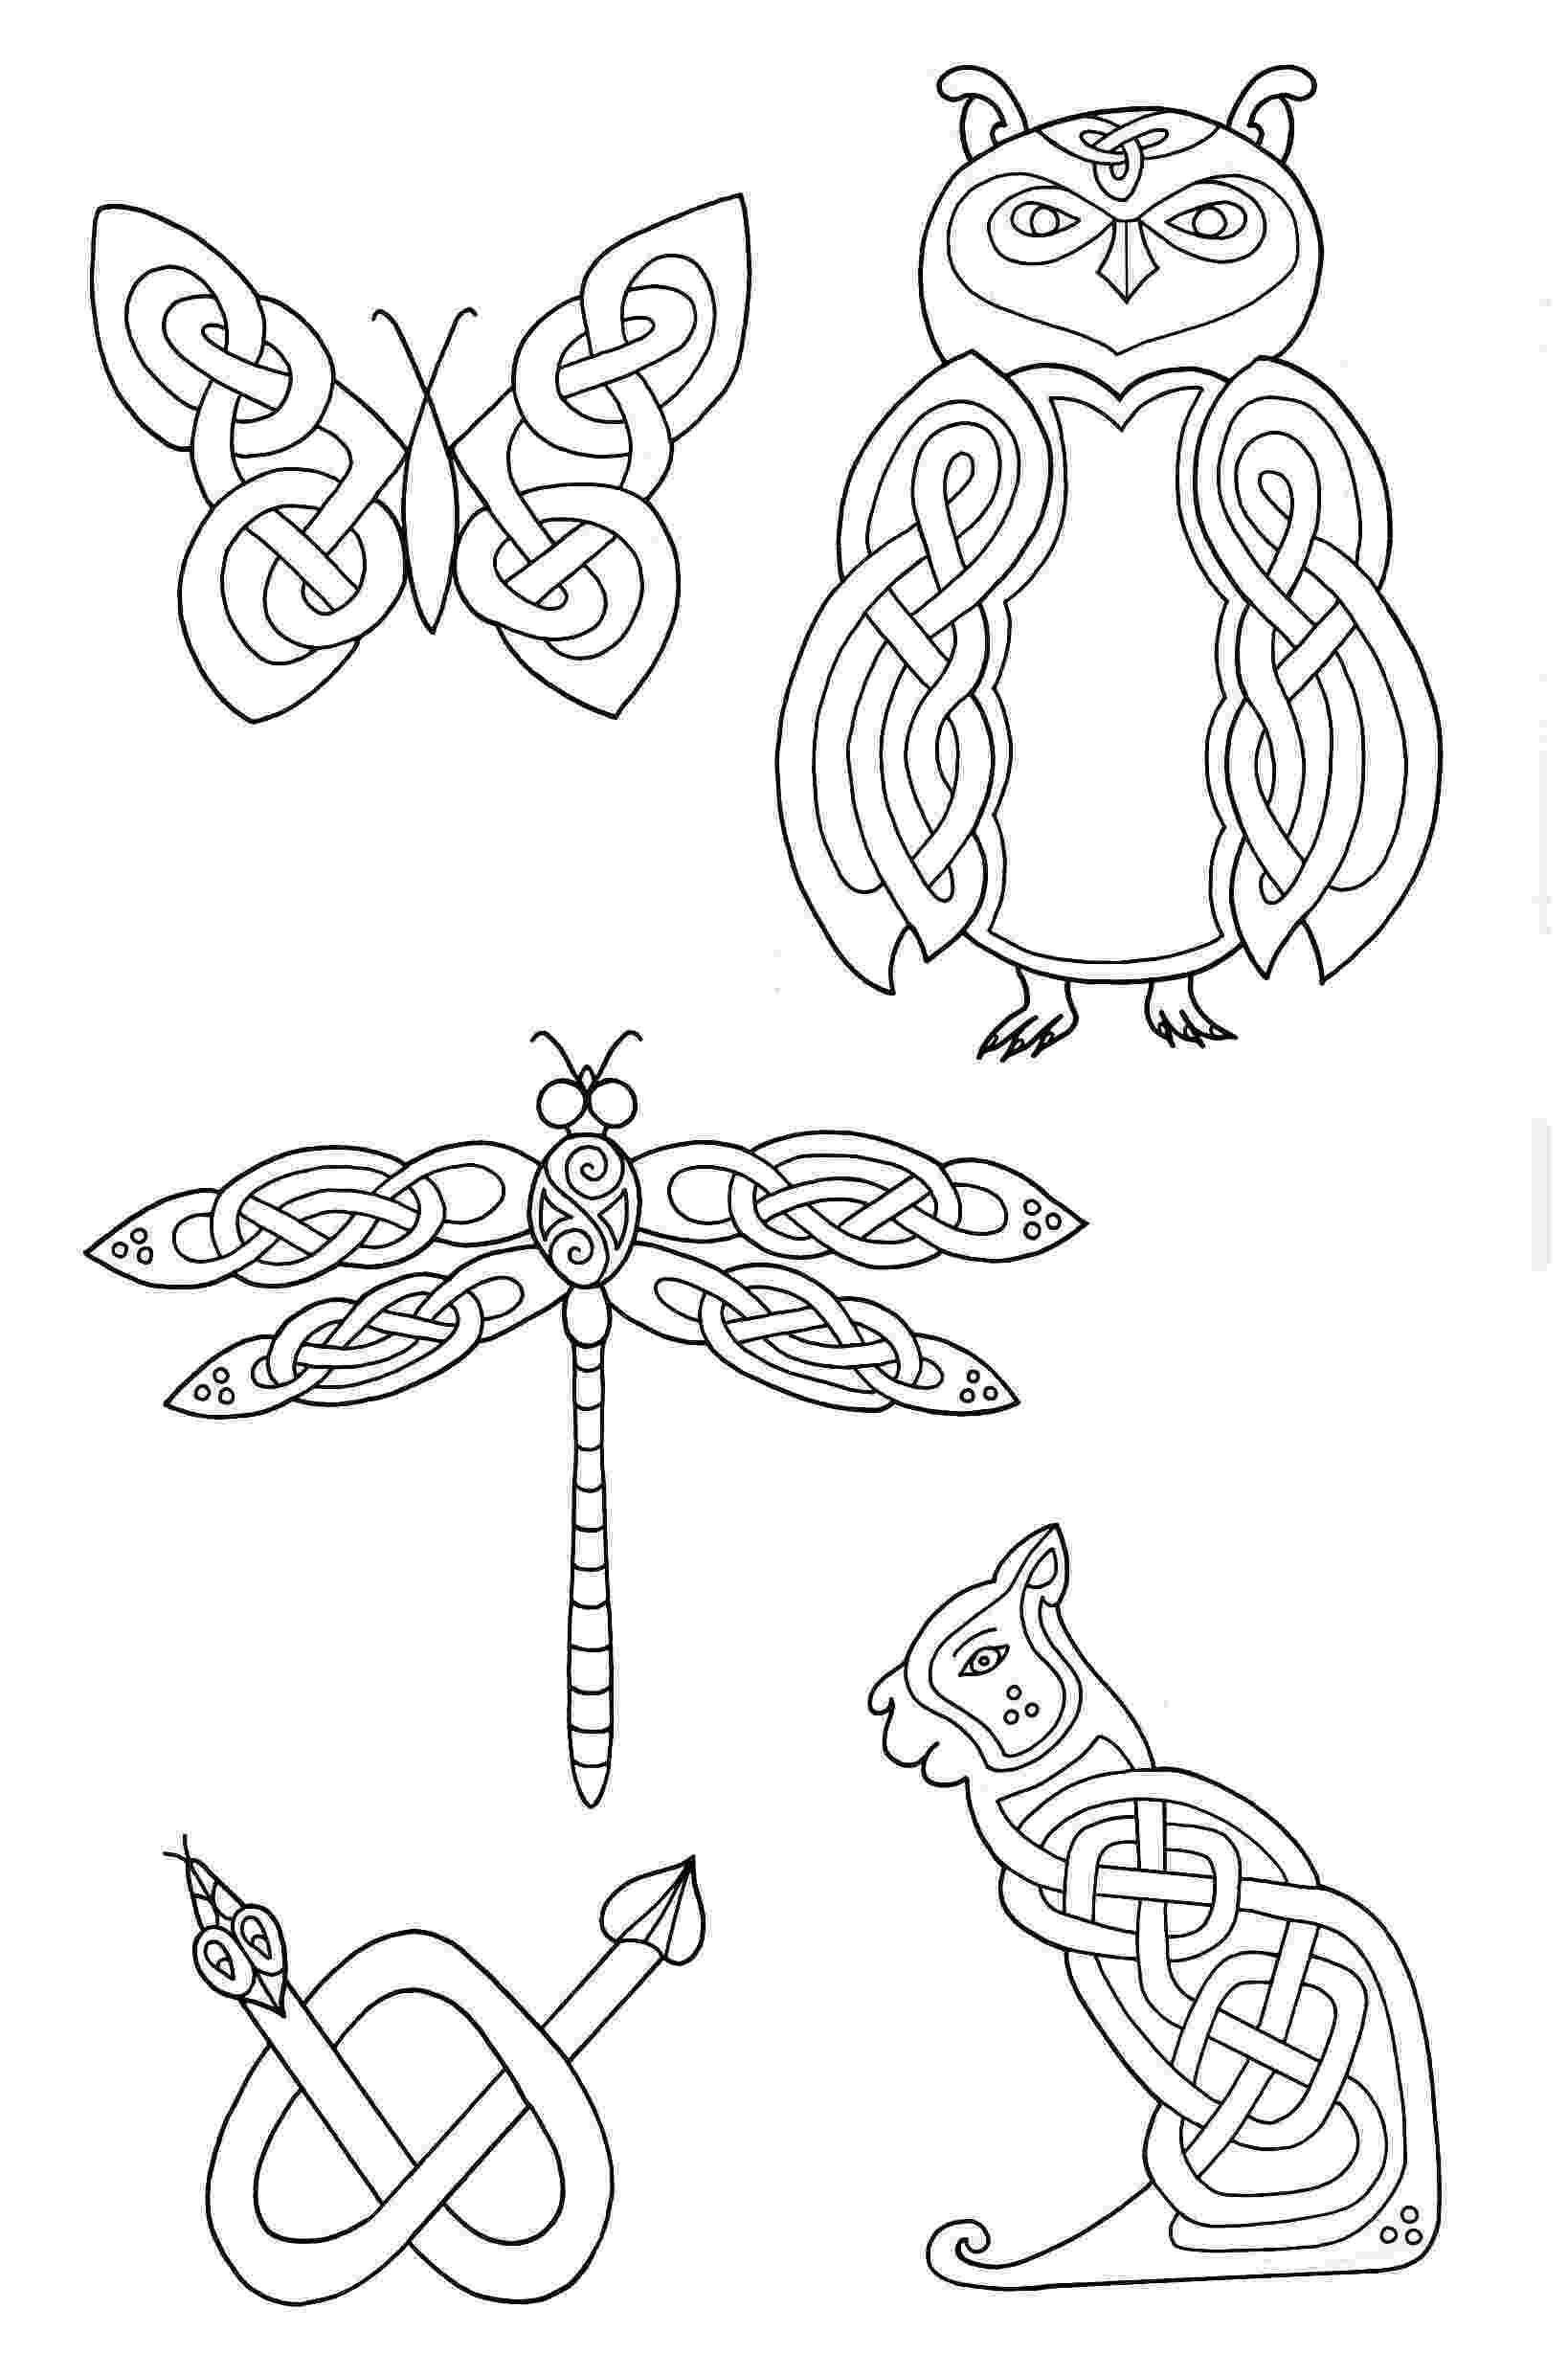 celtic art colouring pages celtic art 48 celtic art adult coloring pages art celtic pages colouring